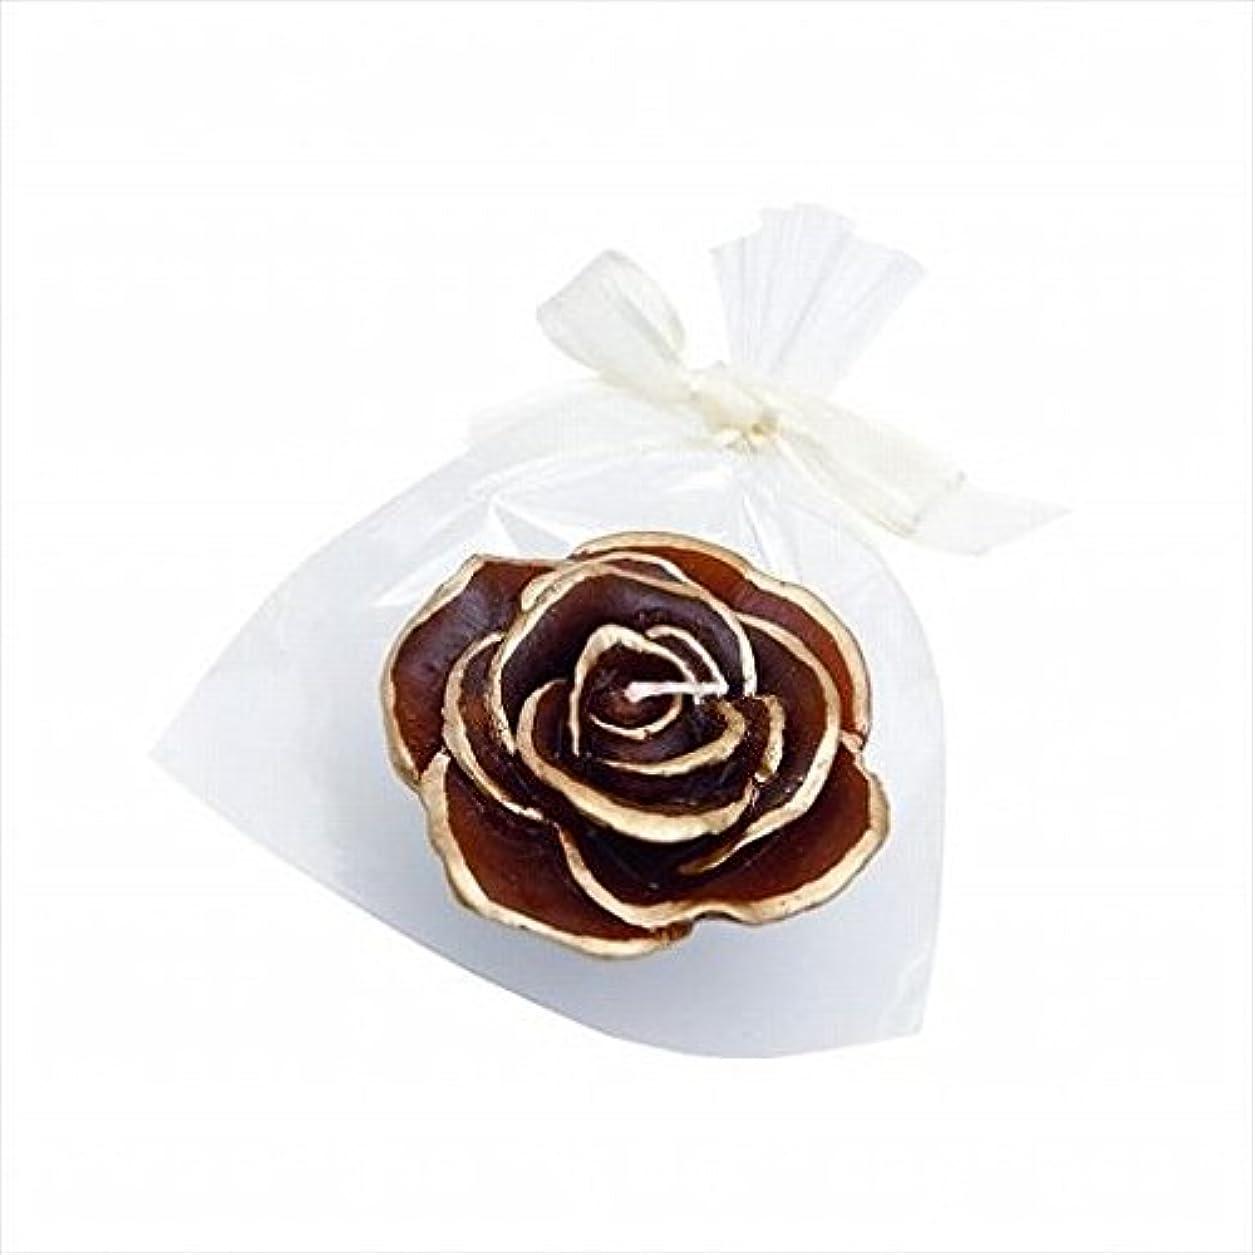 反響する感情センチメンタルkameyama candle(カメヤマキャンドル) プリンセスローズ 「 チョコレート 」(A6390500CH)